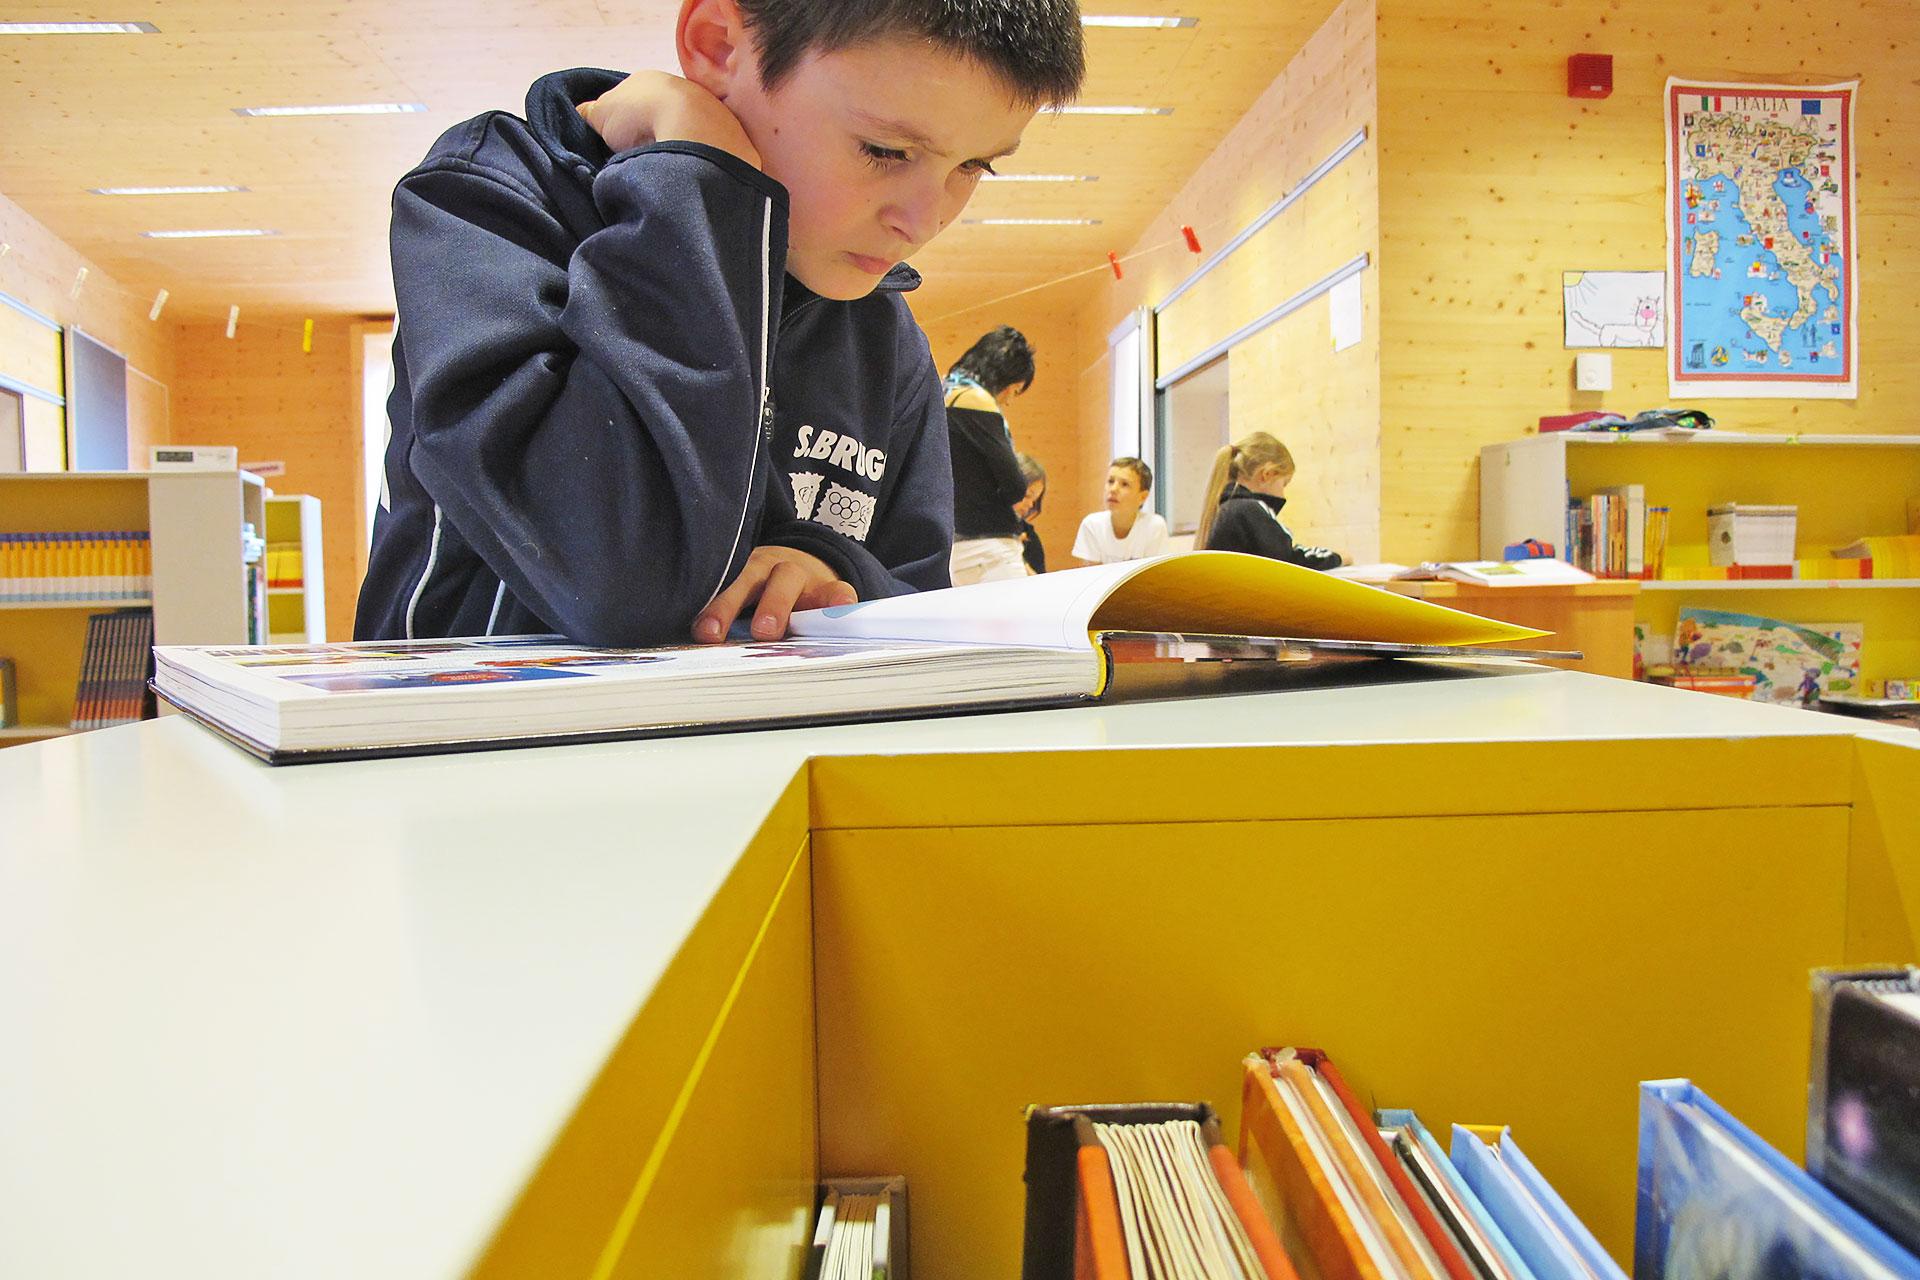 Schüler liest in einem Buch in der Bibliotheksecke des Schulzimmers